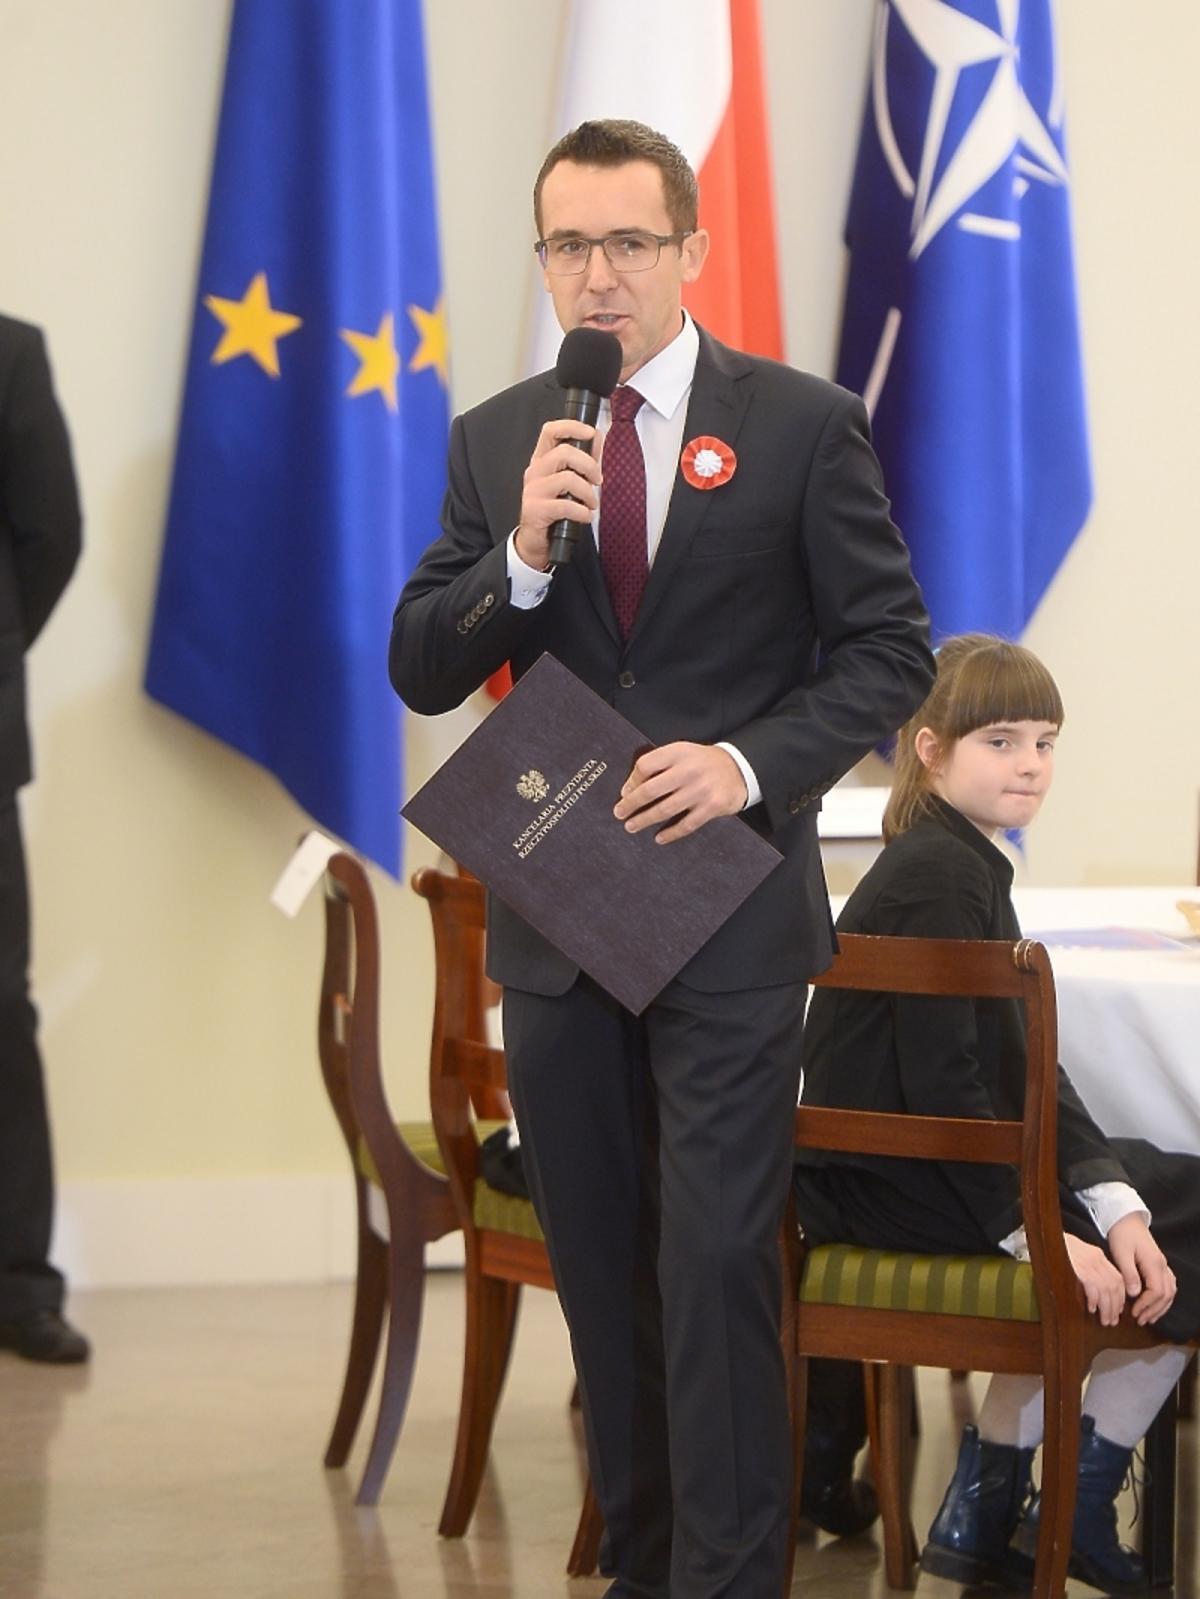 Maciej Kurzajewski na spotkaniu z prezydentem RP